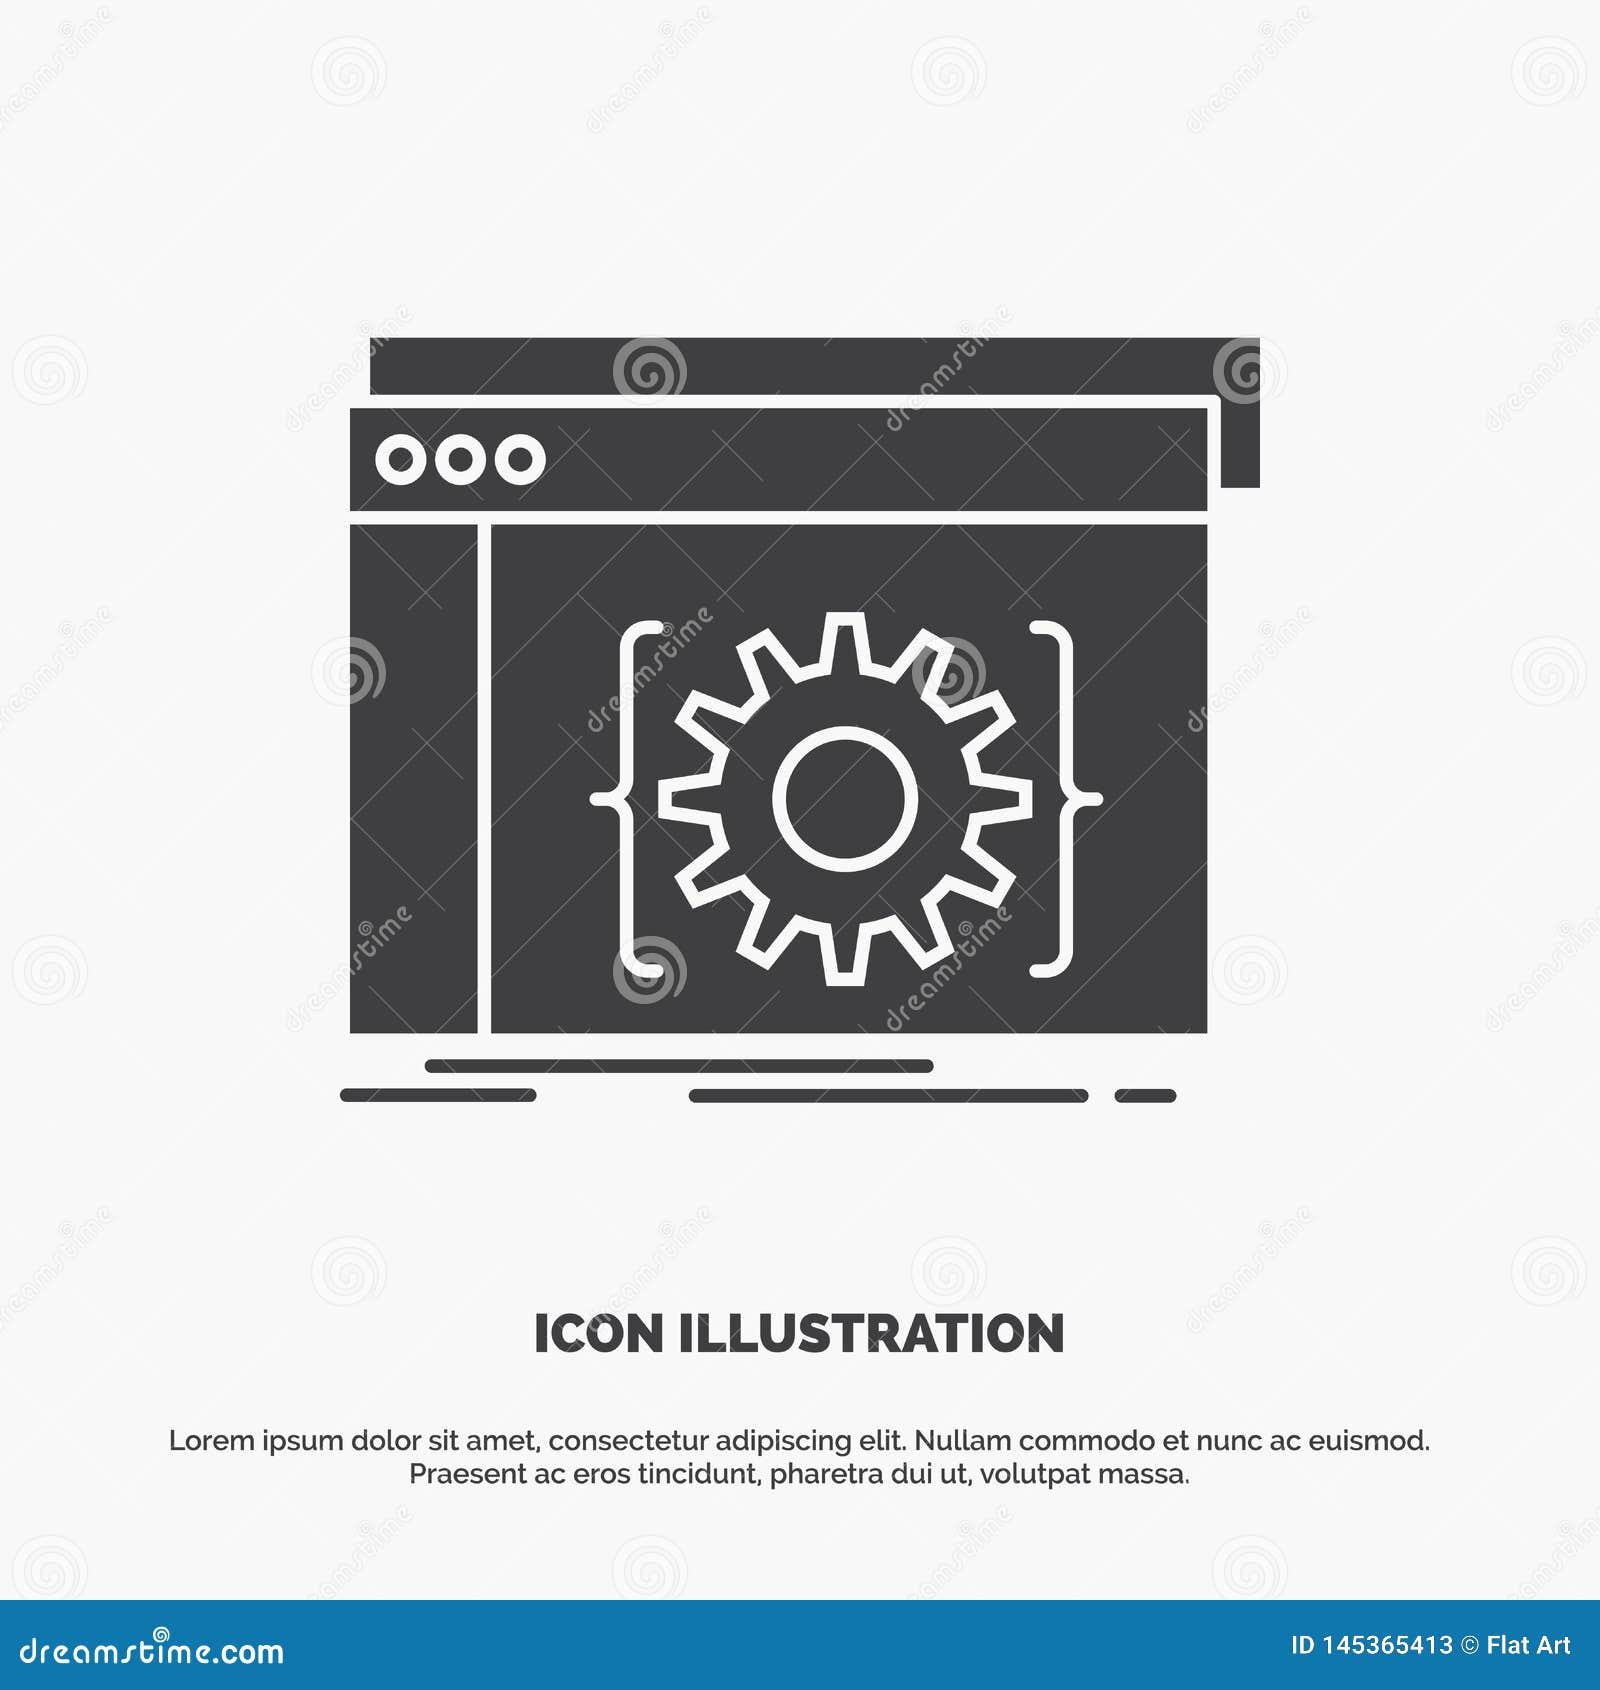 Api, app, codage, ontwikkelaar, softwarepictogram glyph vector grijs symbool voor UI en UX, website of mobiele toepassing